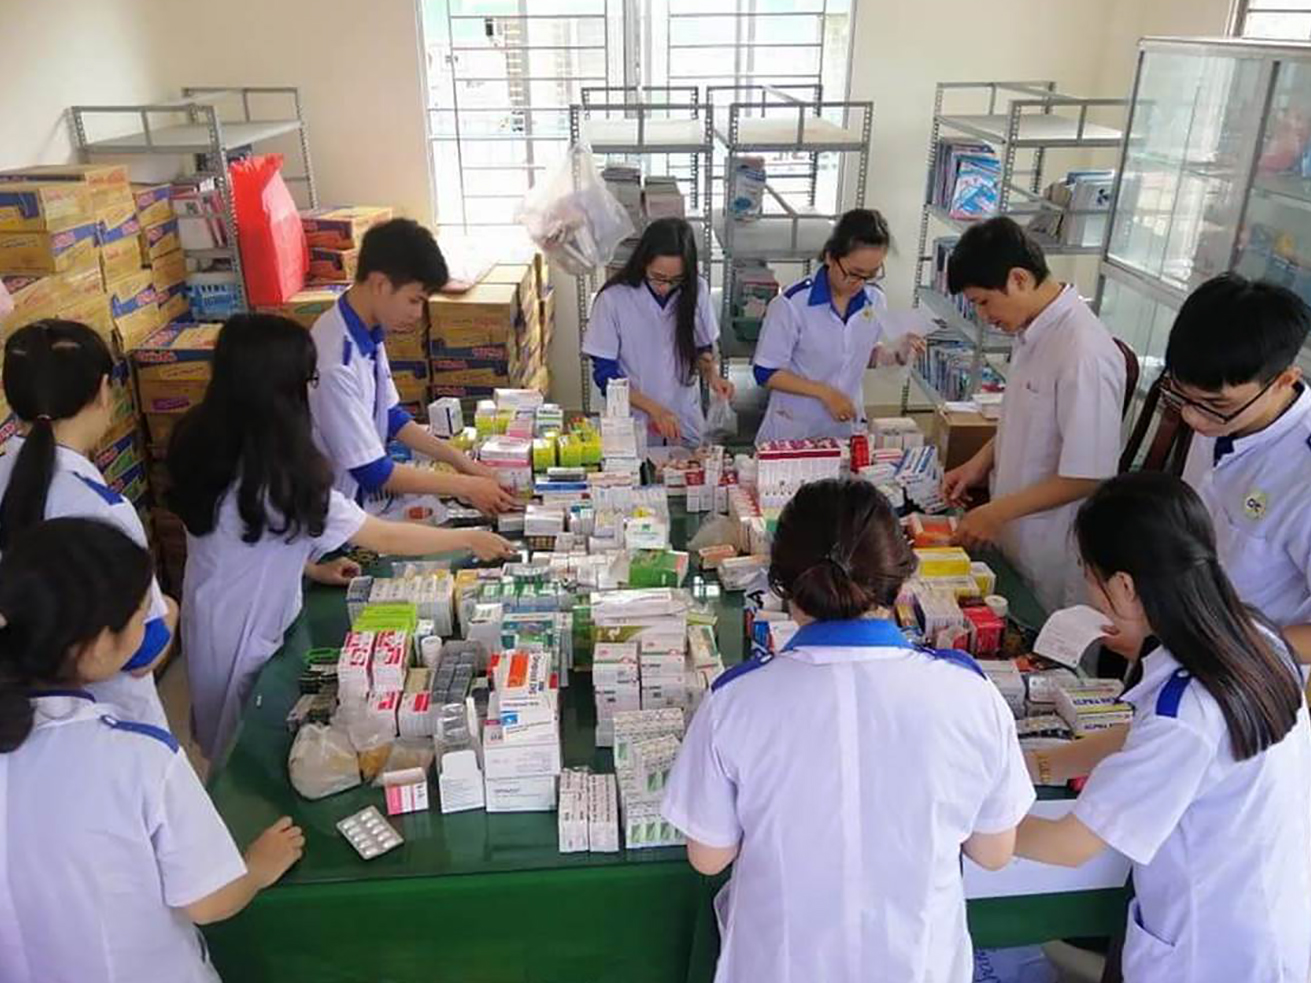 Sinh viên Trường Cao đẳng Y tế Cần Thơ trong giờ học.